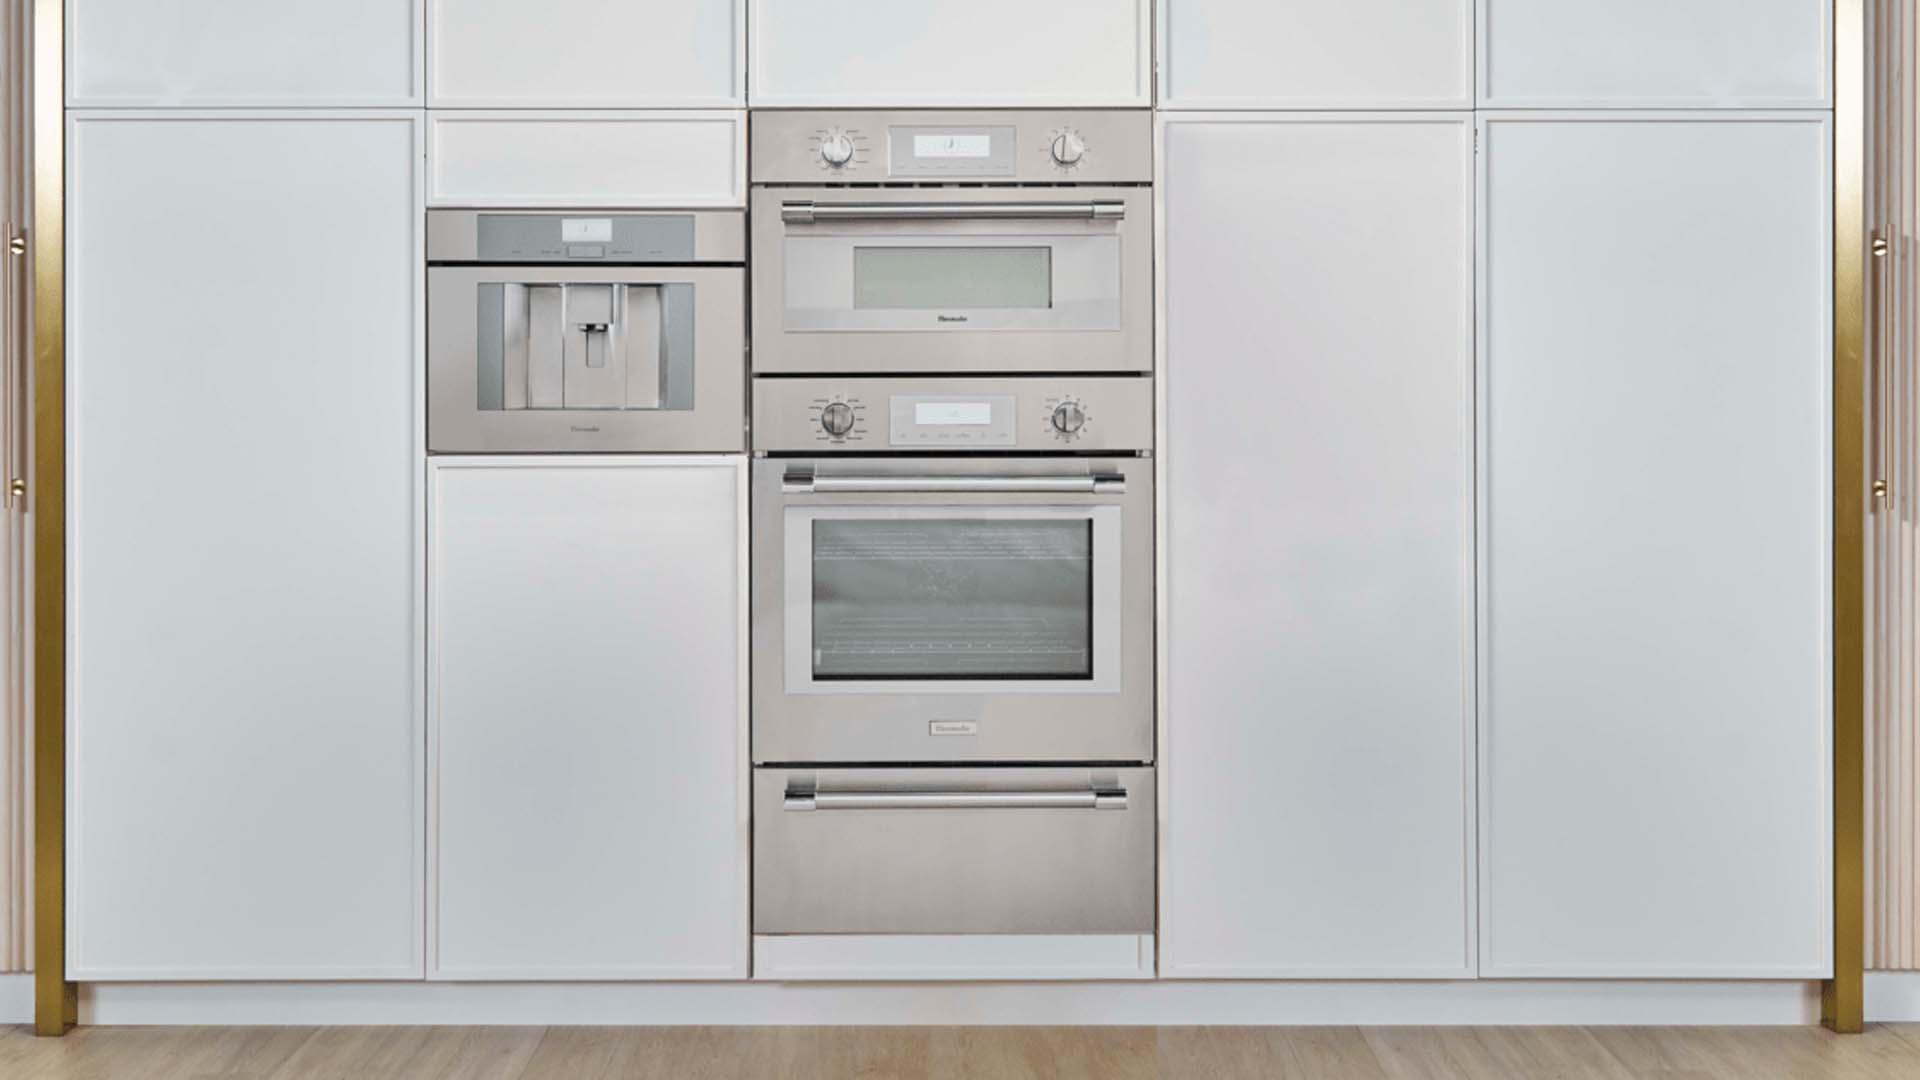 Thermador Triple Oven Repair | Thermador Appliance Repair Pros